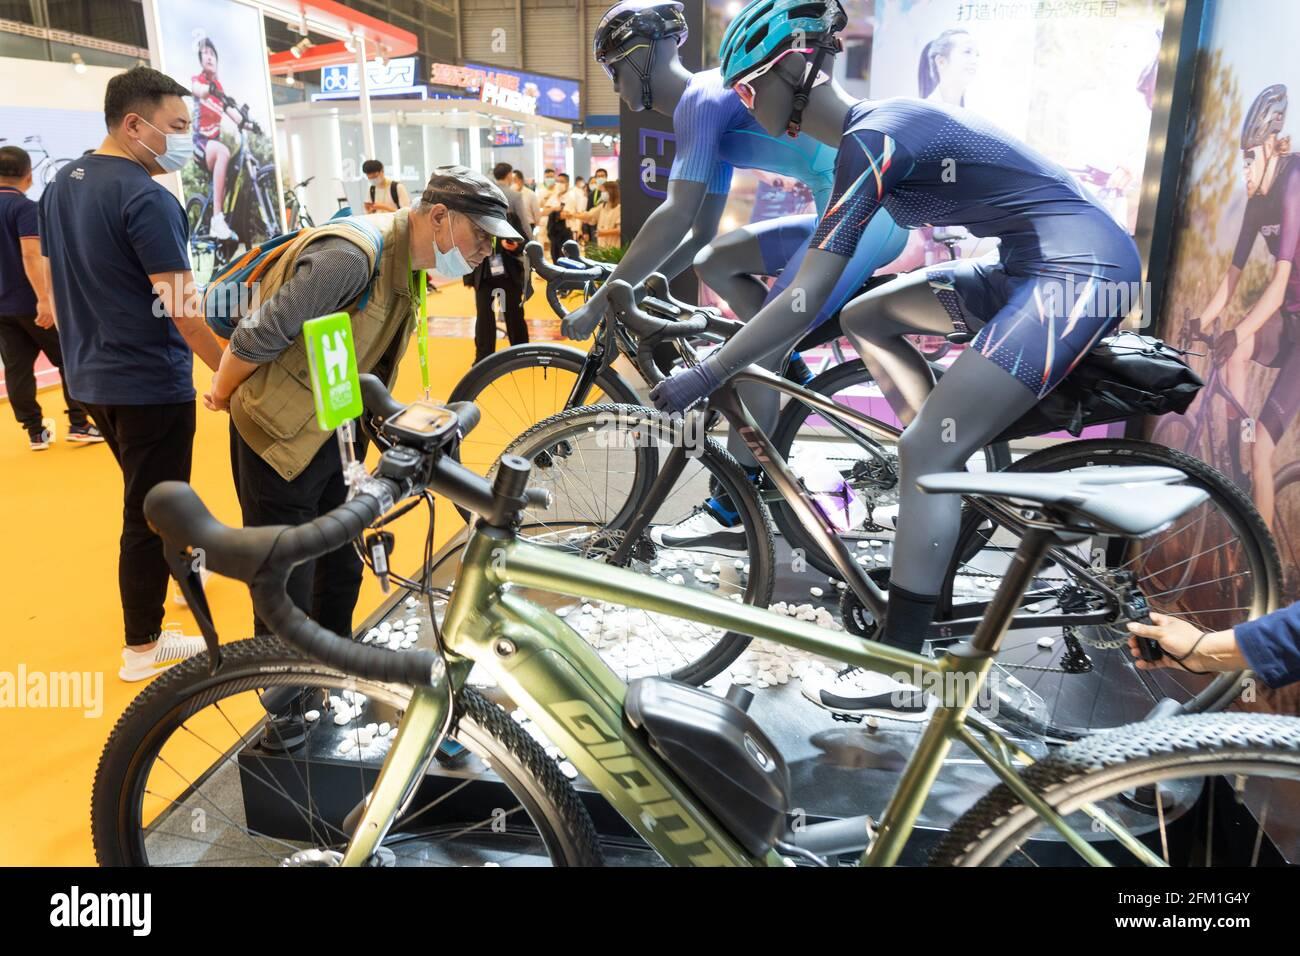 Shanghai. 5 mai 2021. Les visiteurs voient les bicyclettes lors de la 30e foire internationale des bicyclettes en Chine orientale à Shanghai, le 5 mai 2021. L'événement de quatre jours a débuté mercredi, attirant plus de 1,000 entreprises à y participer. Credit: CAI Yang/Xinhua/Alay Live News Banque D'Images